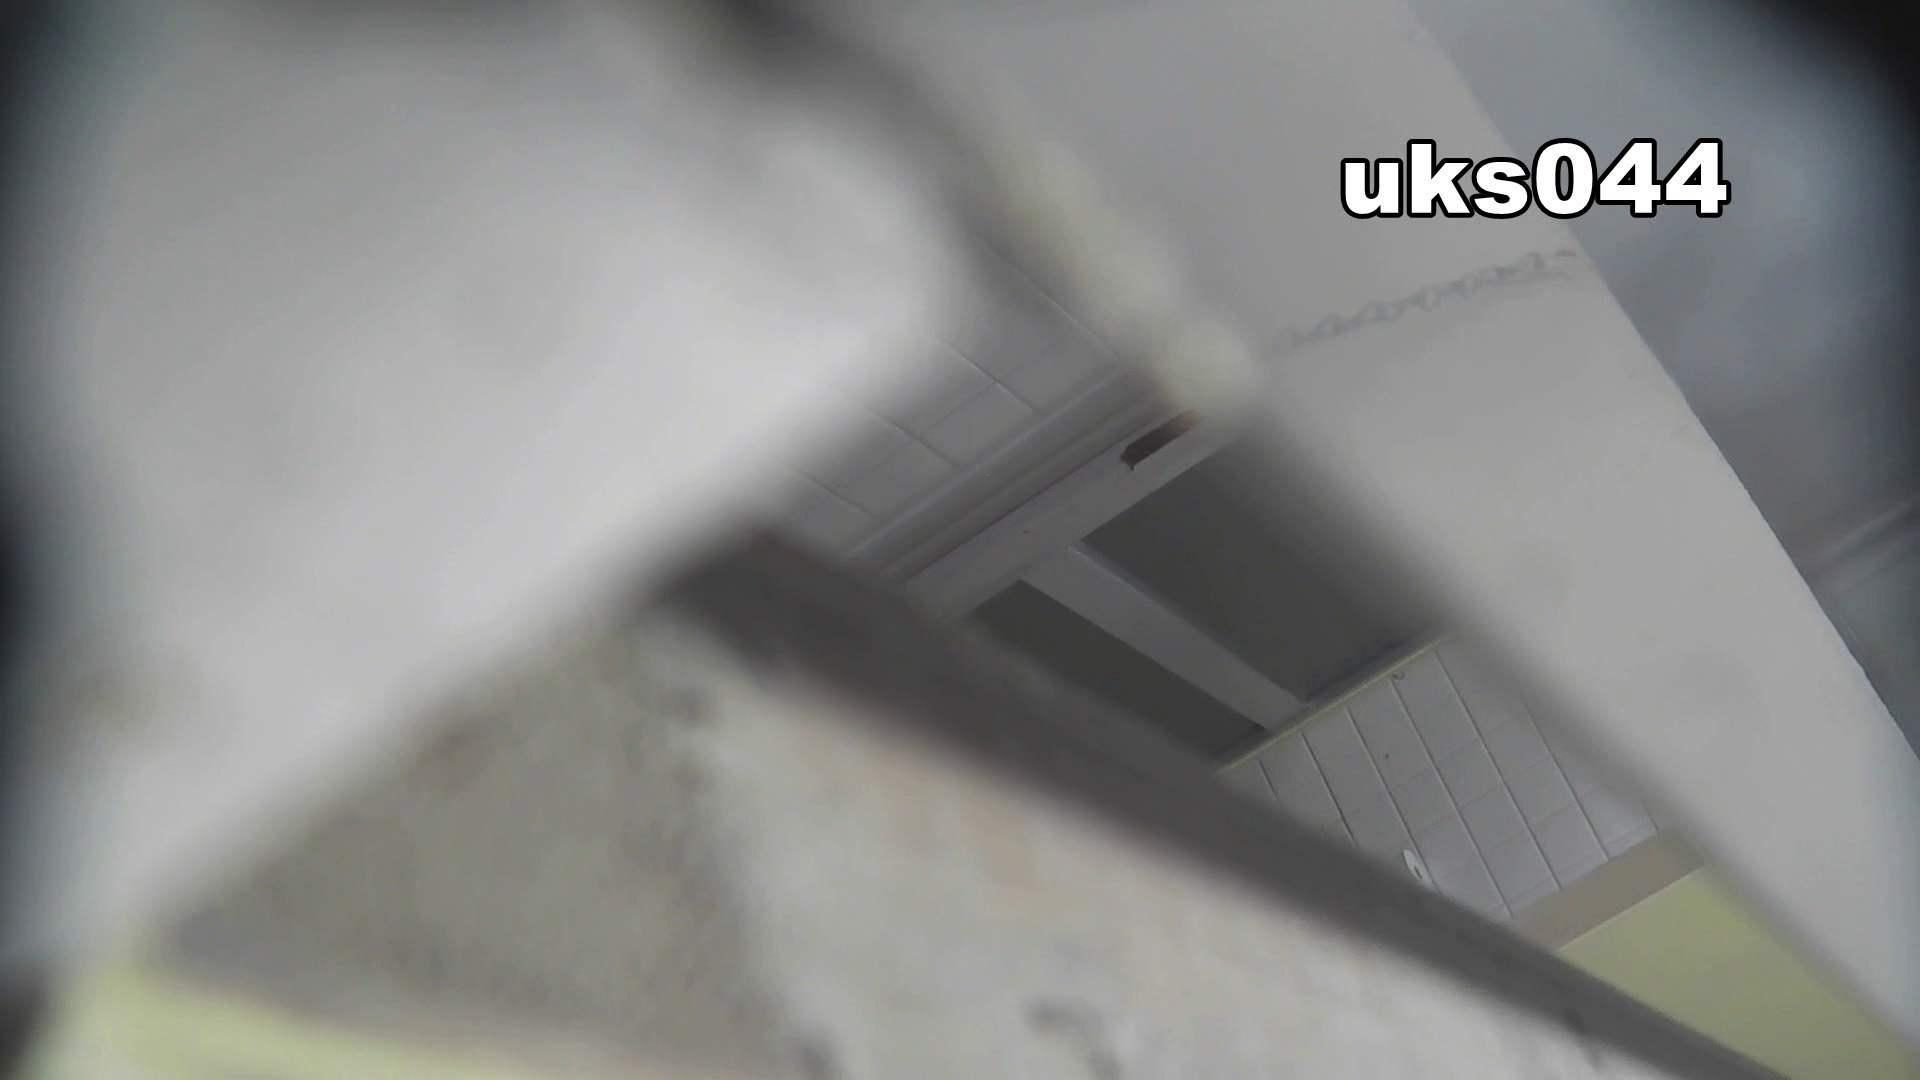 無修正エロ動画|【美しき個室な世界】 vol.044 8倍くらいケツ毛バーガー|怪盗ジョーカー